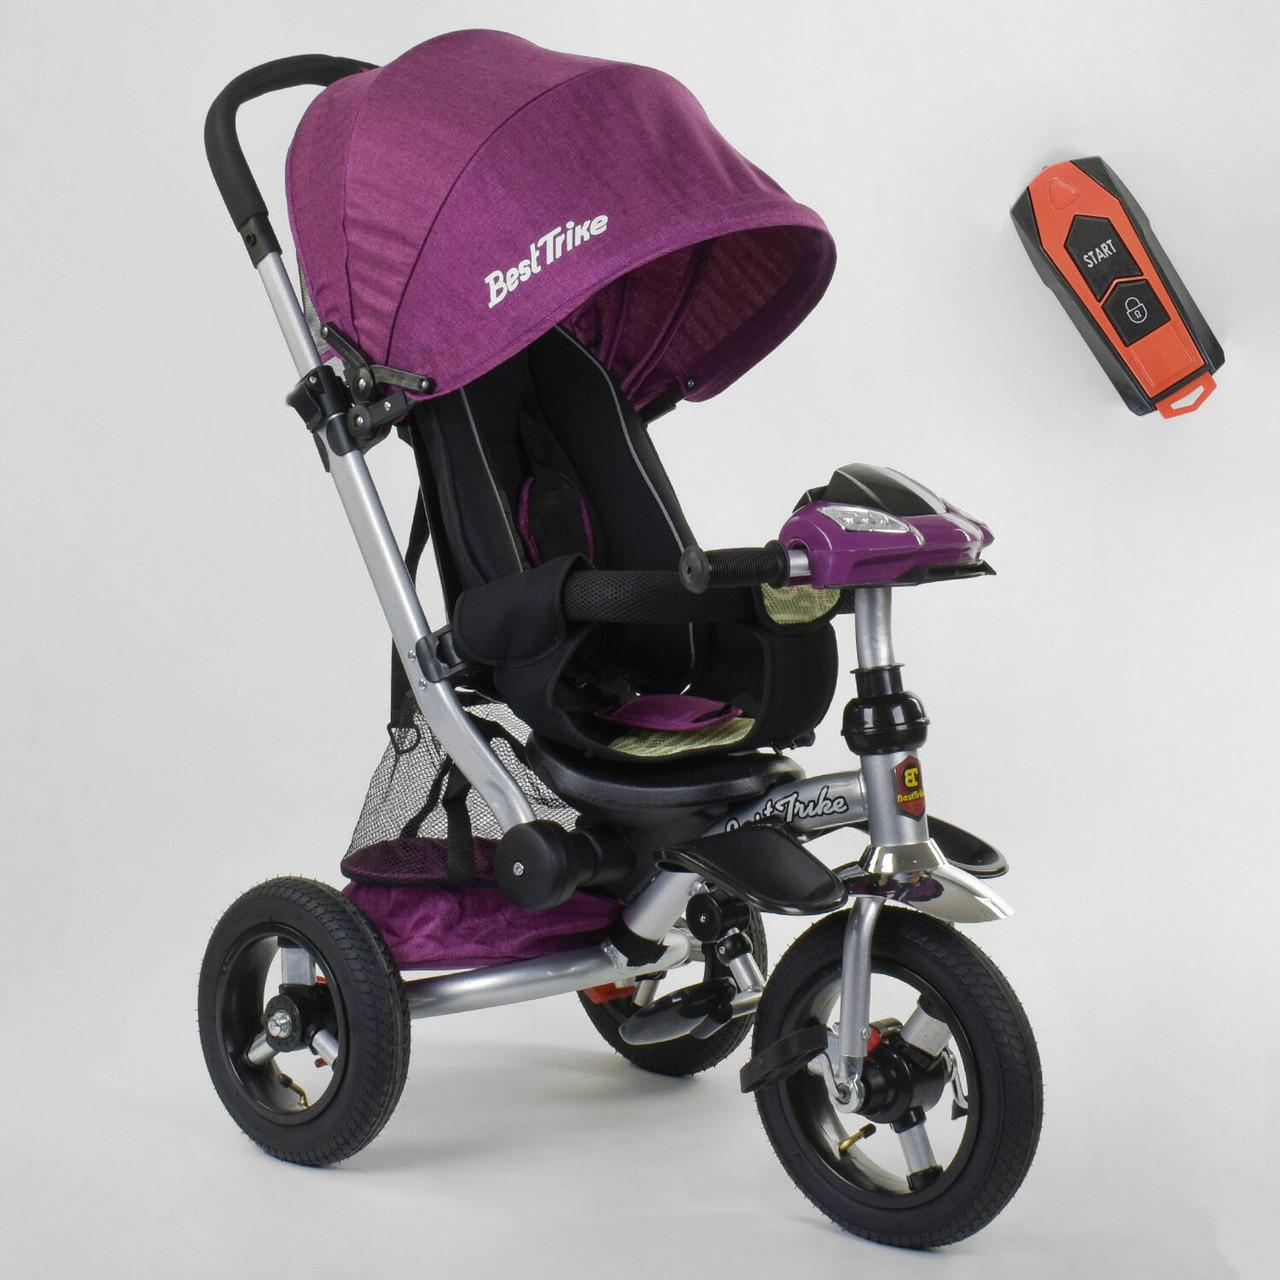 Детский 3-х велосипед Best Trike Фиолетовый велосипед для ребенка от 10мес